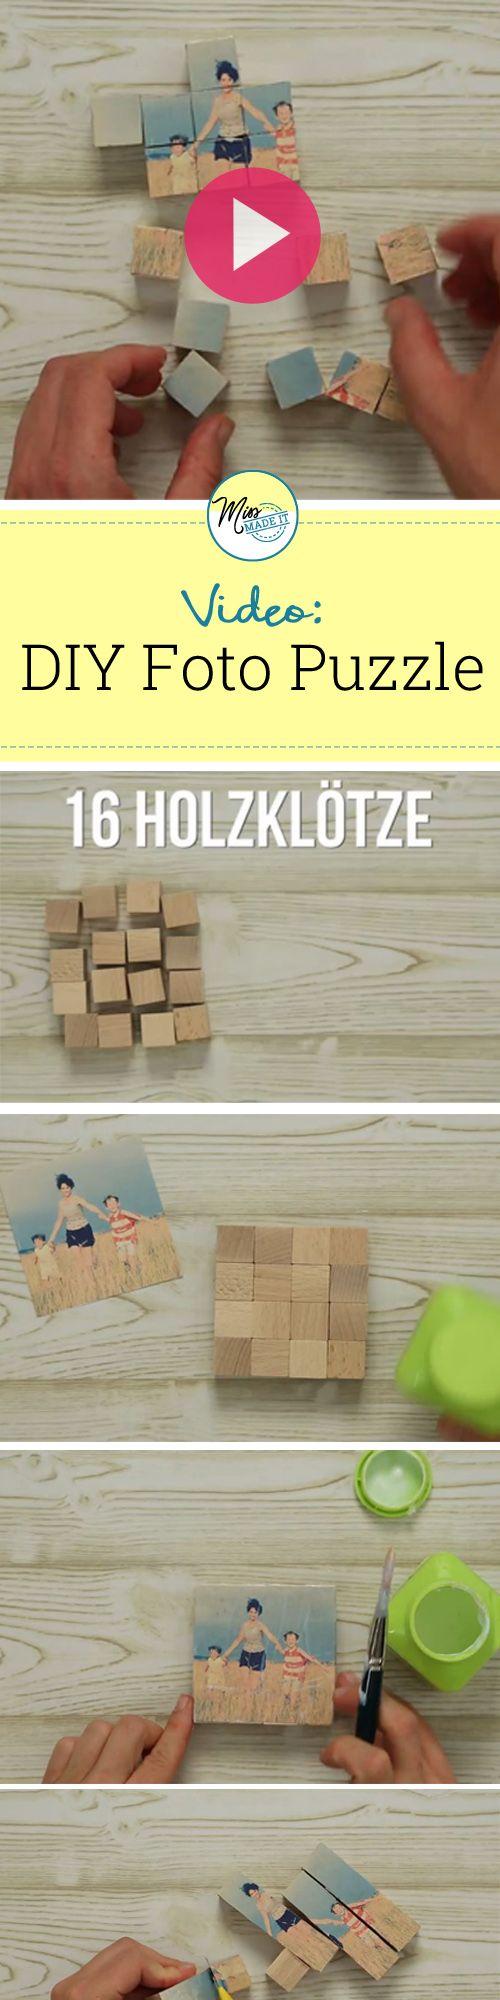 DIY Puzzle, Puzzle selber machen - Wir zeigen dir wie du ganz einfach ein Foto Puzzle basteln kannst, Basteln mit Fotos, Fotoideen, Bastelideen Fotos